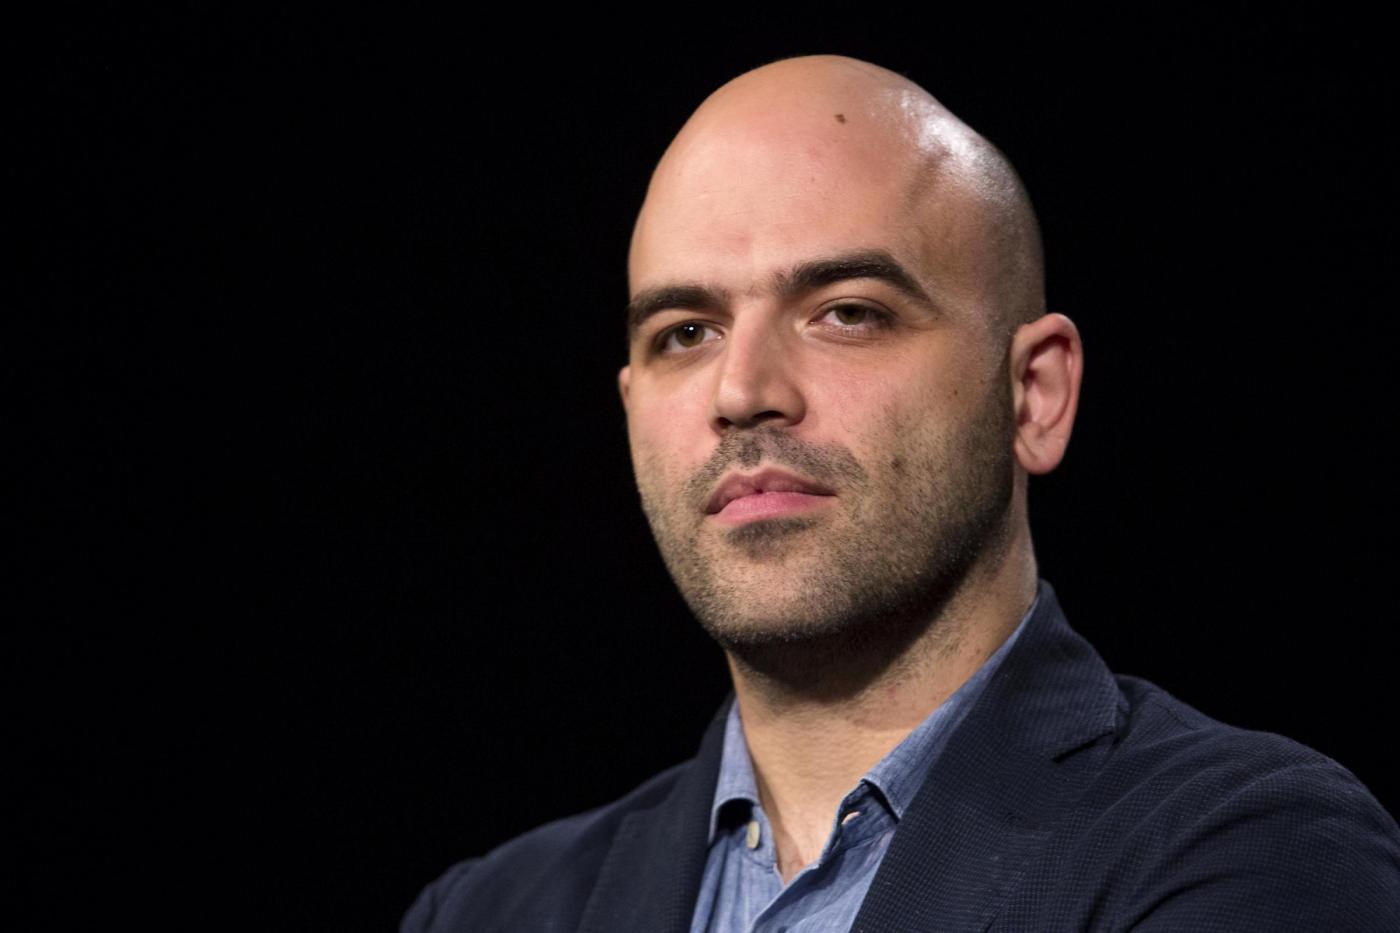 Minacce a Saviano, lo scrittore: 'I boss mi sono sembrati guappi di cartone'